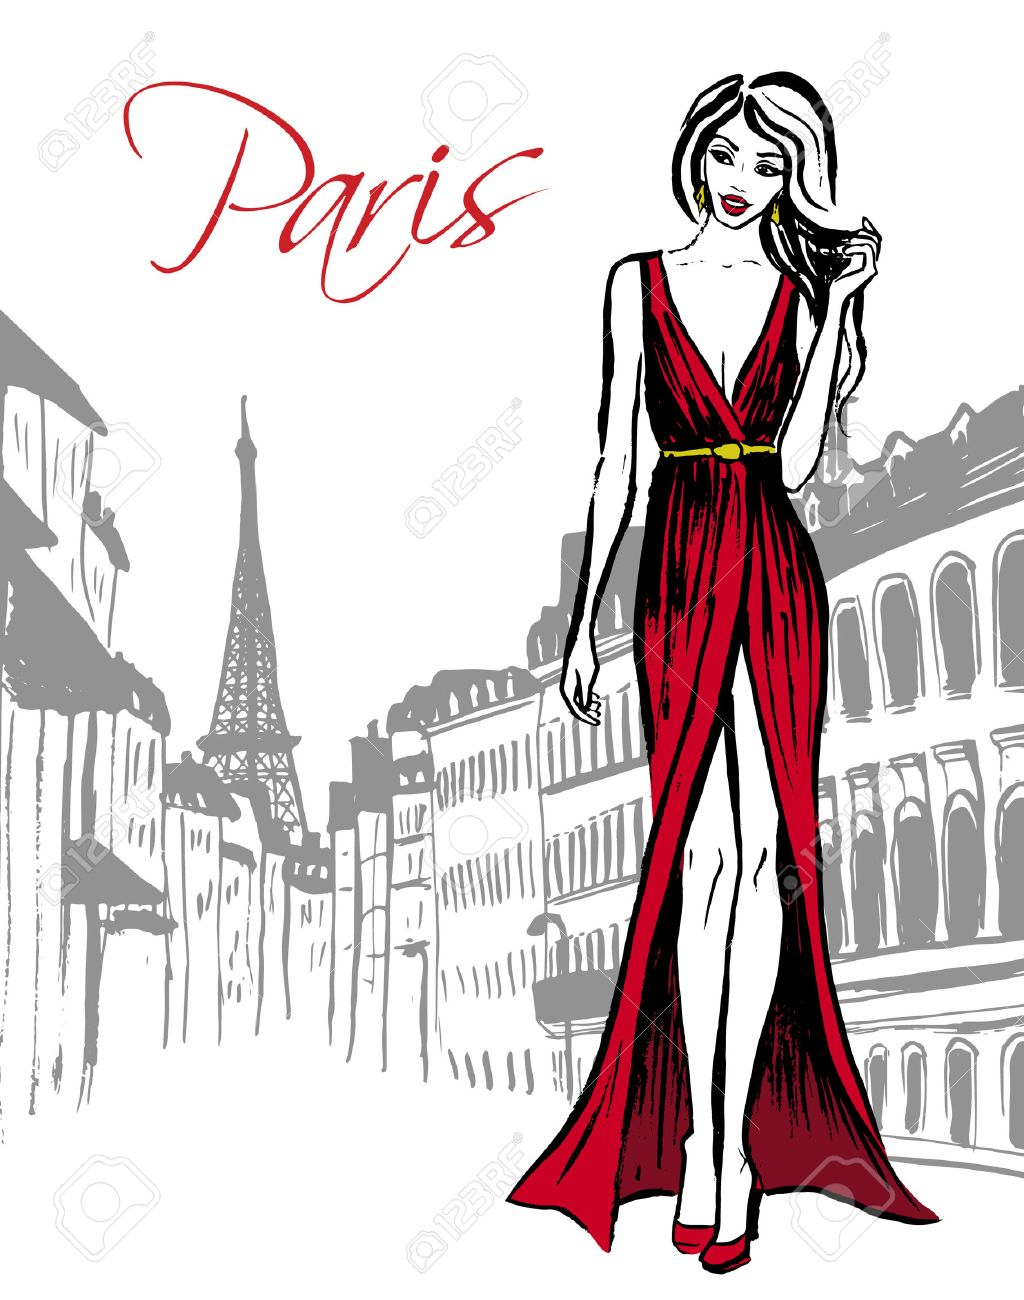 Fashion Sur À Dessin ParisHand L'encre Marche Rue Robe Rouge La Illustration En Drawn Femme De Soir 5R3LA4j